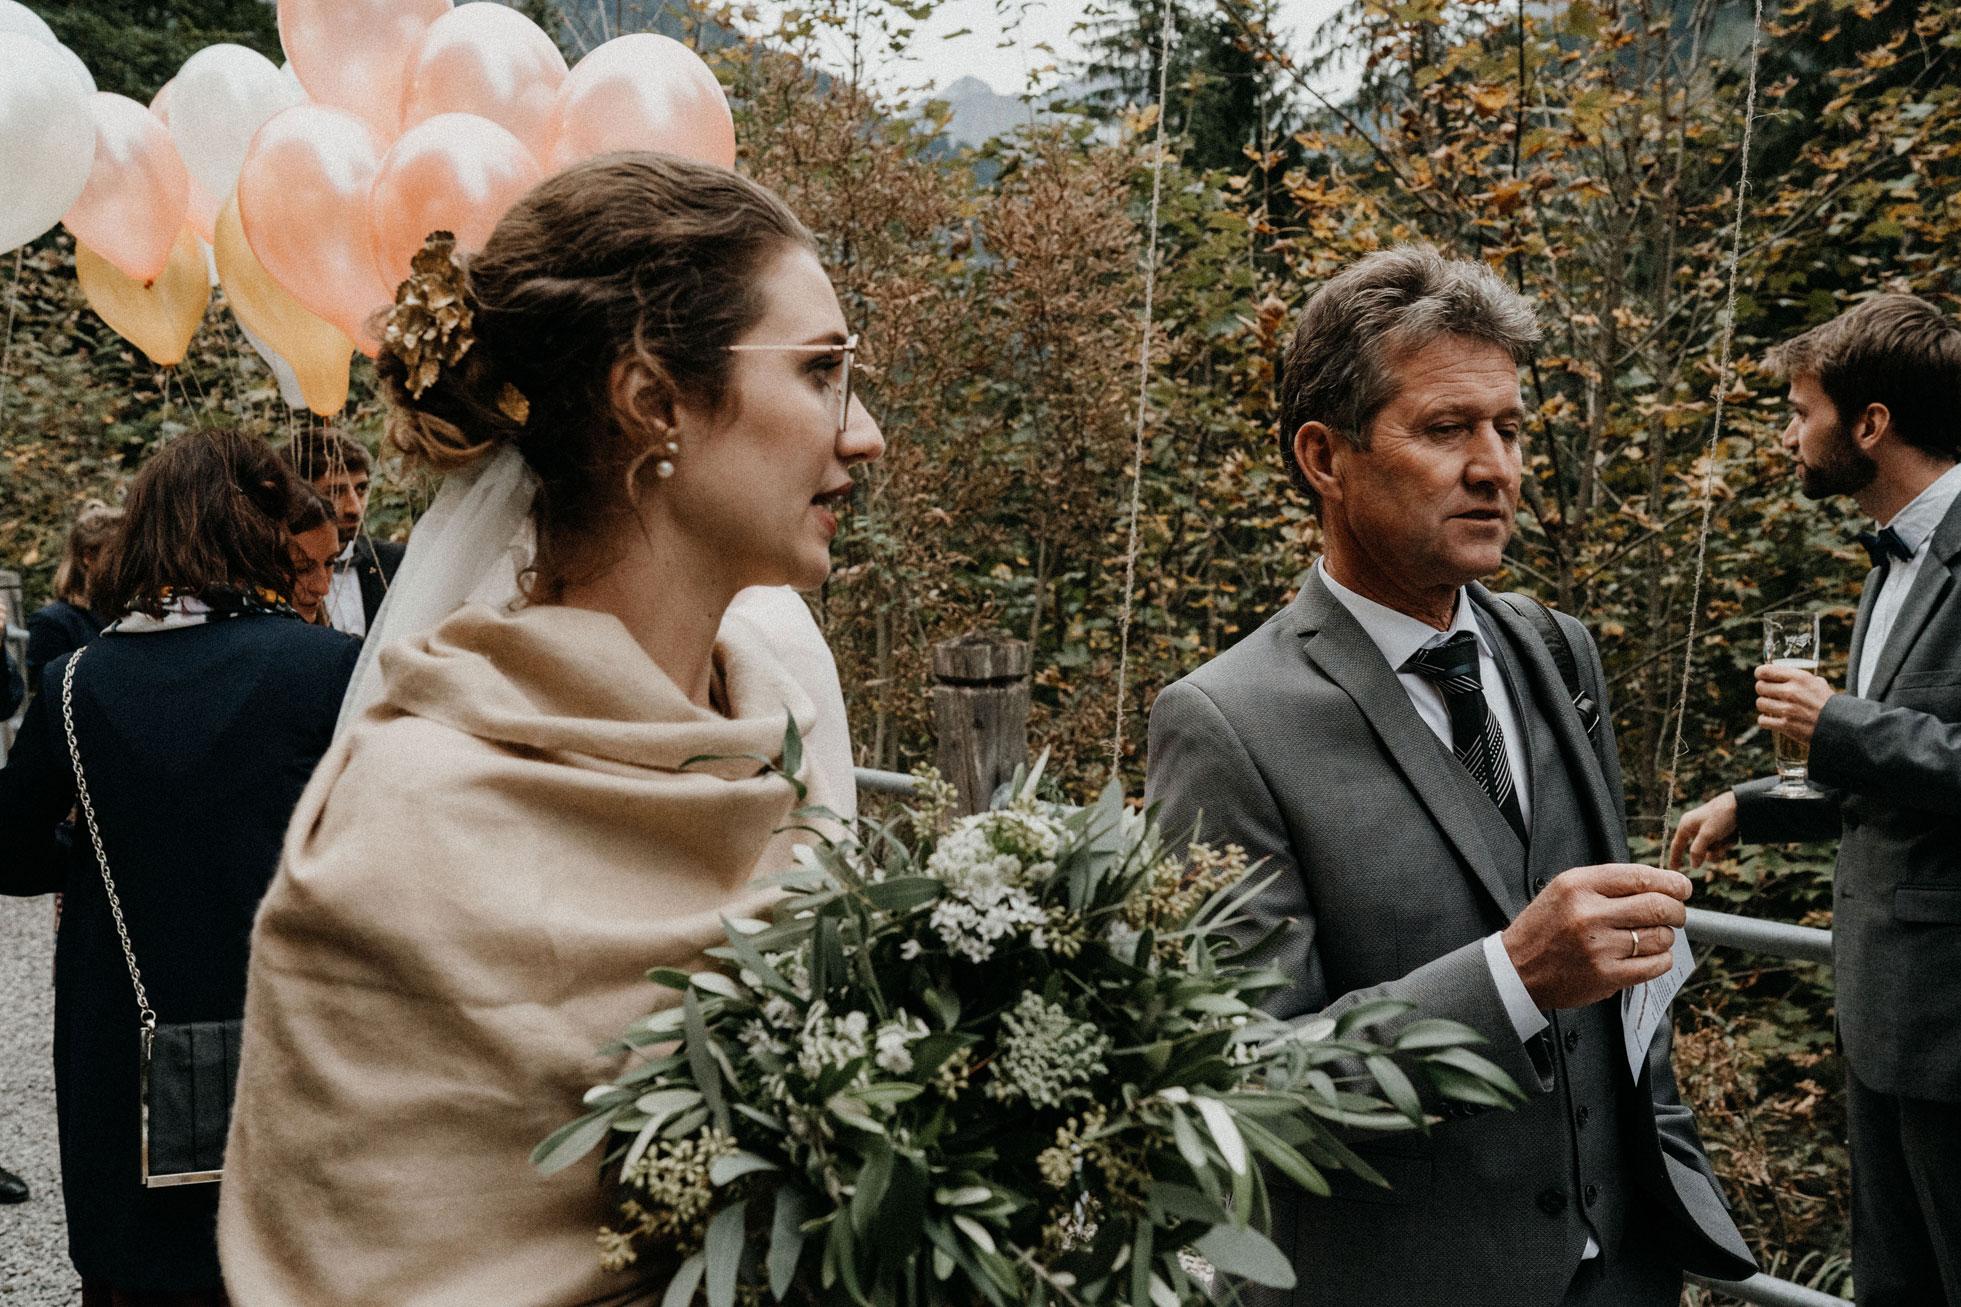 Hochzeit_Claire_Manuel_Villa_Maund_Daniel_Jenny-423.jpg